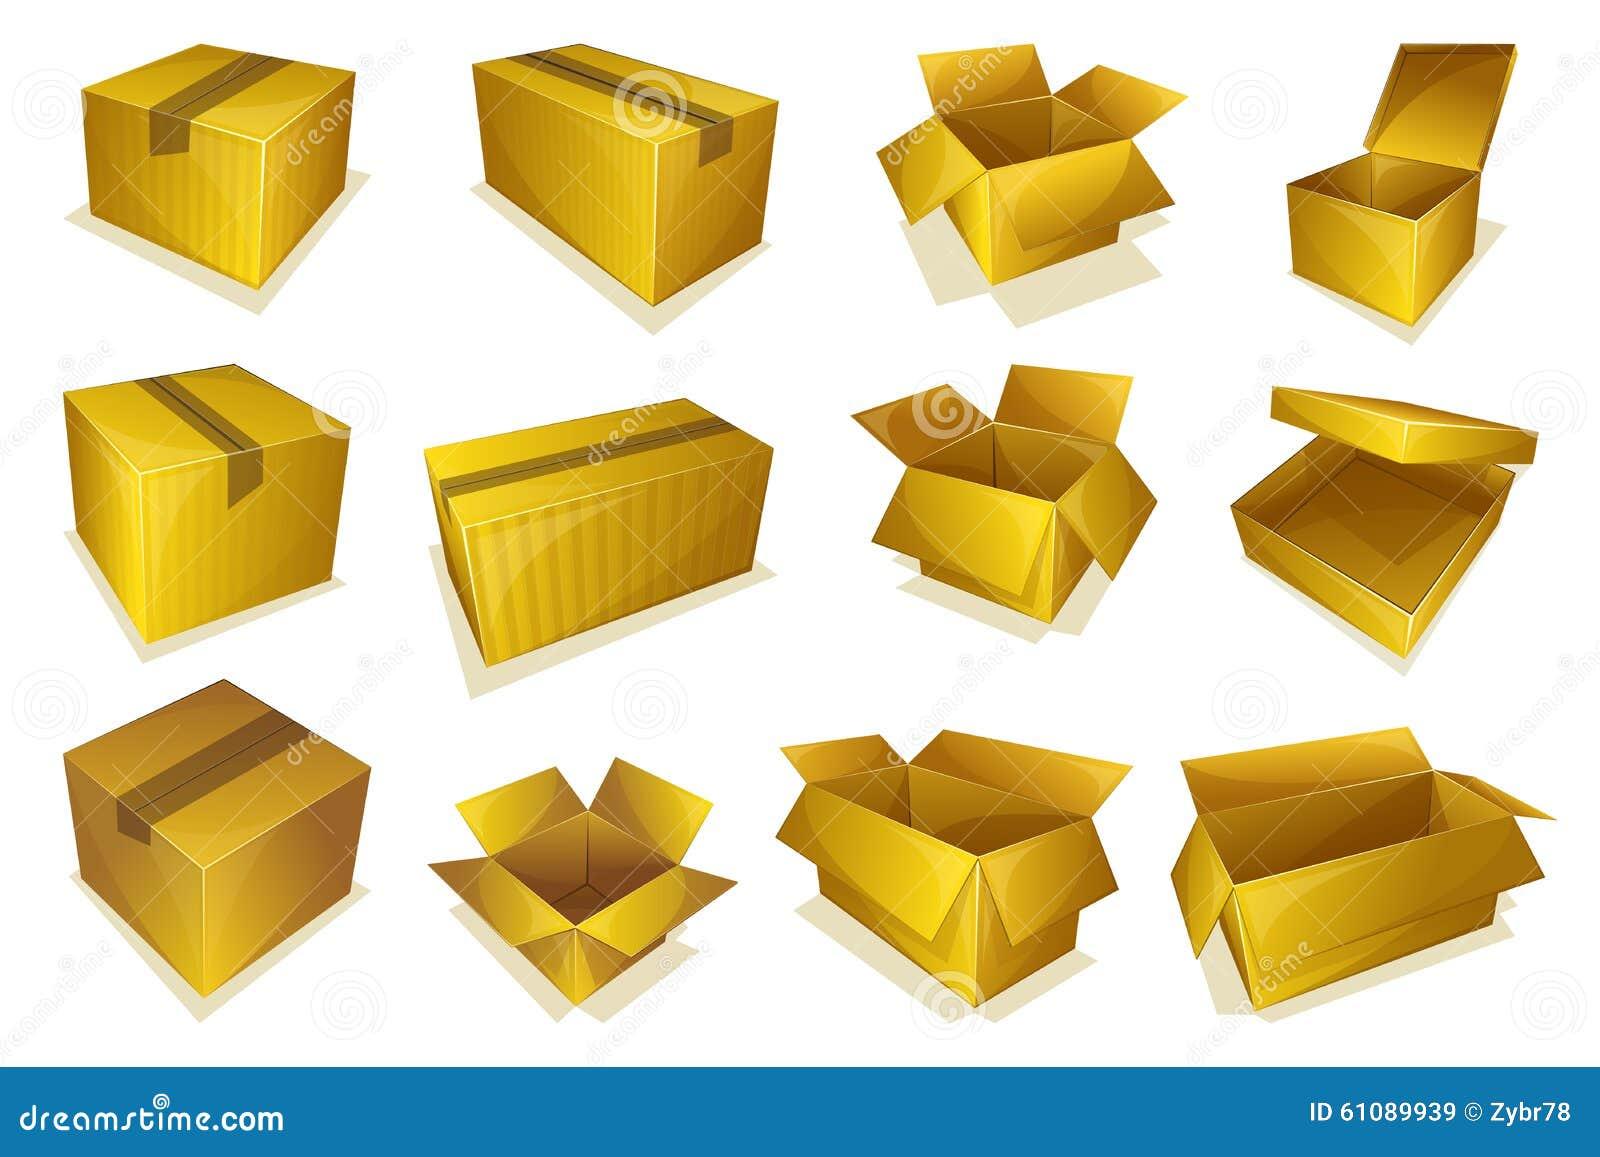 ic ne de colis de carton illustration de vecteur image 61089939. Black Bedroom Furniture Sets. Home Design Ideas